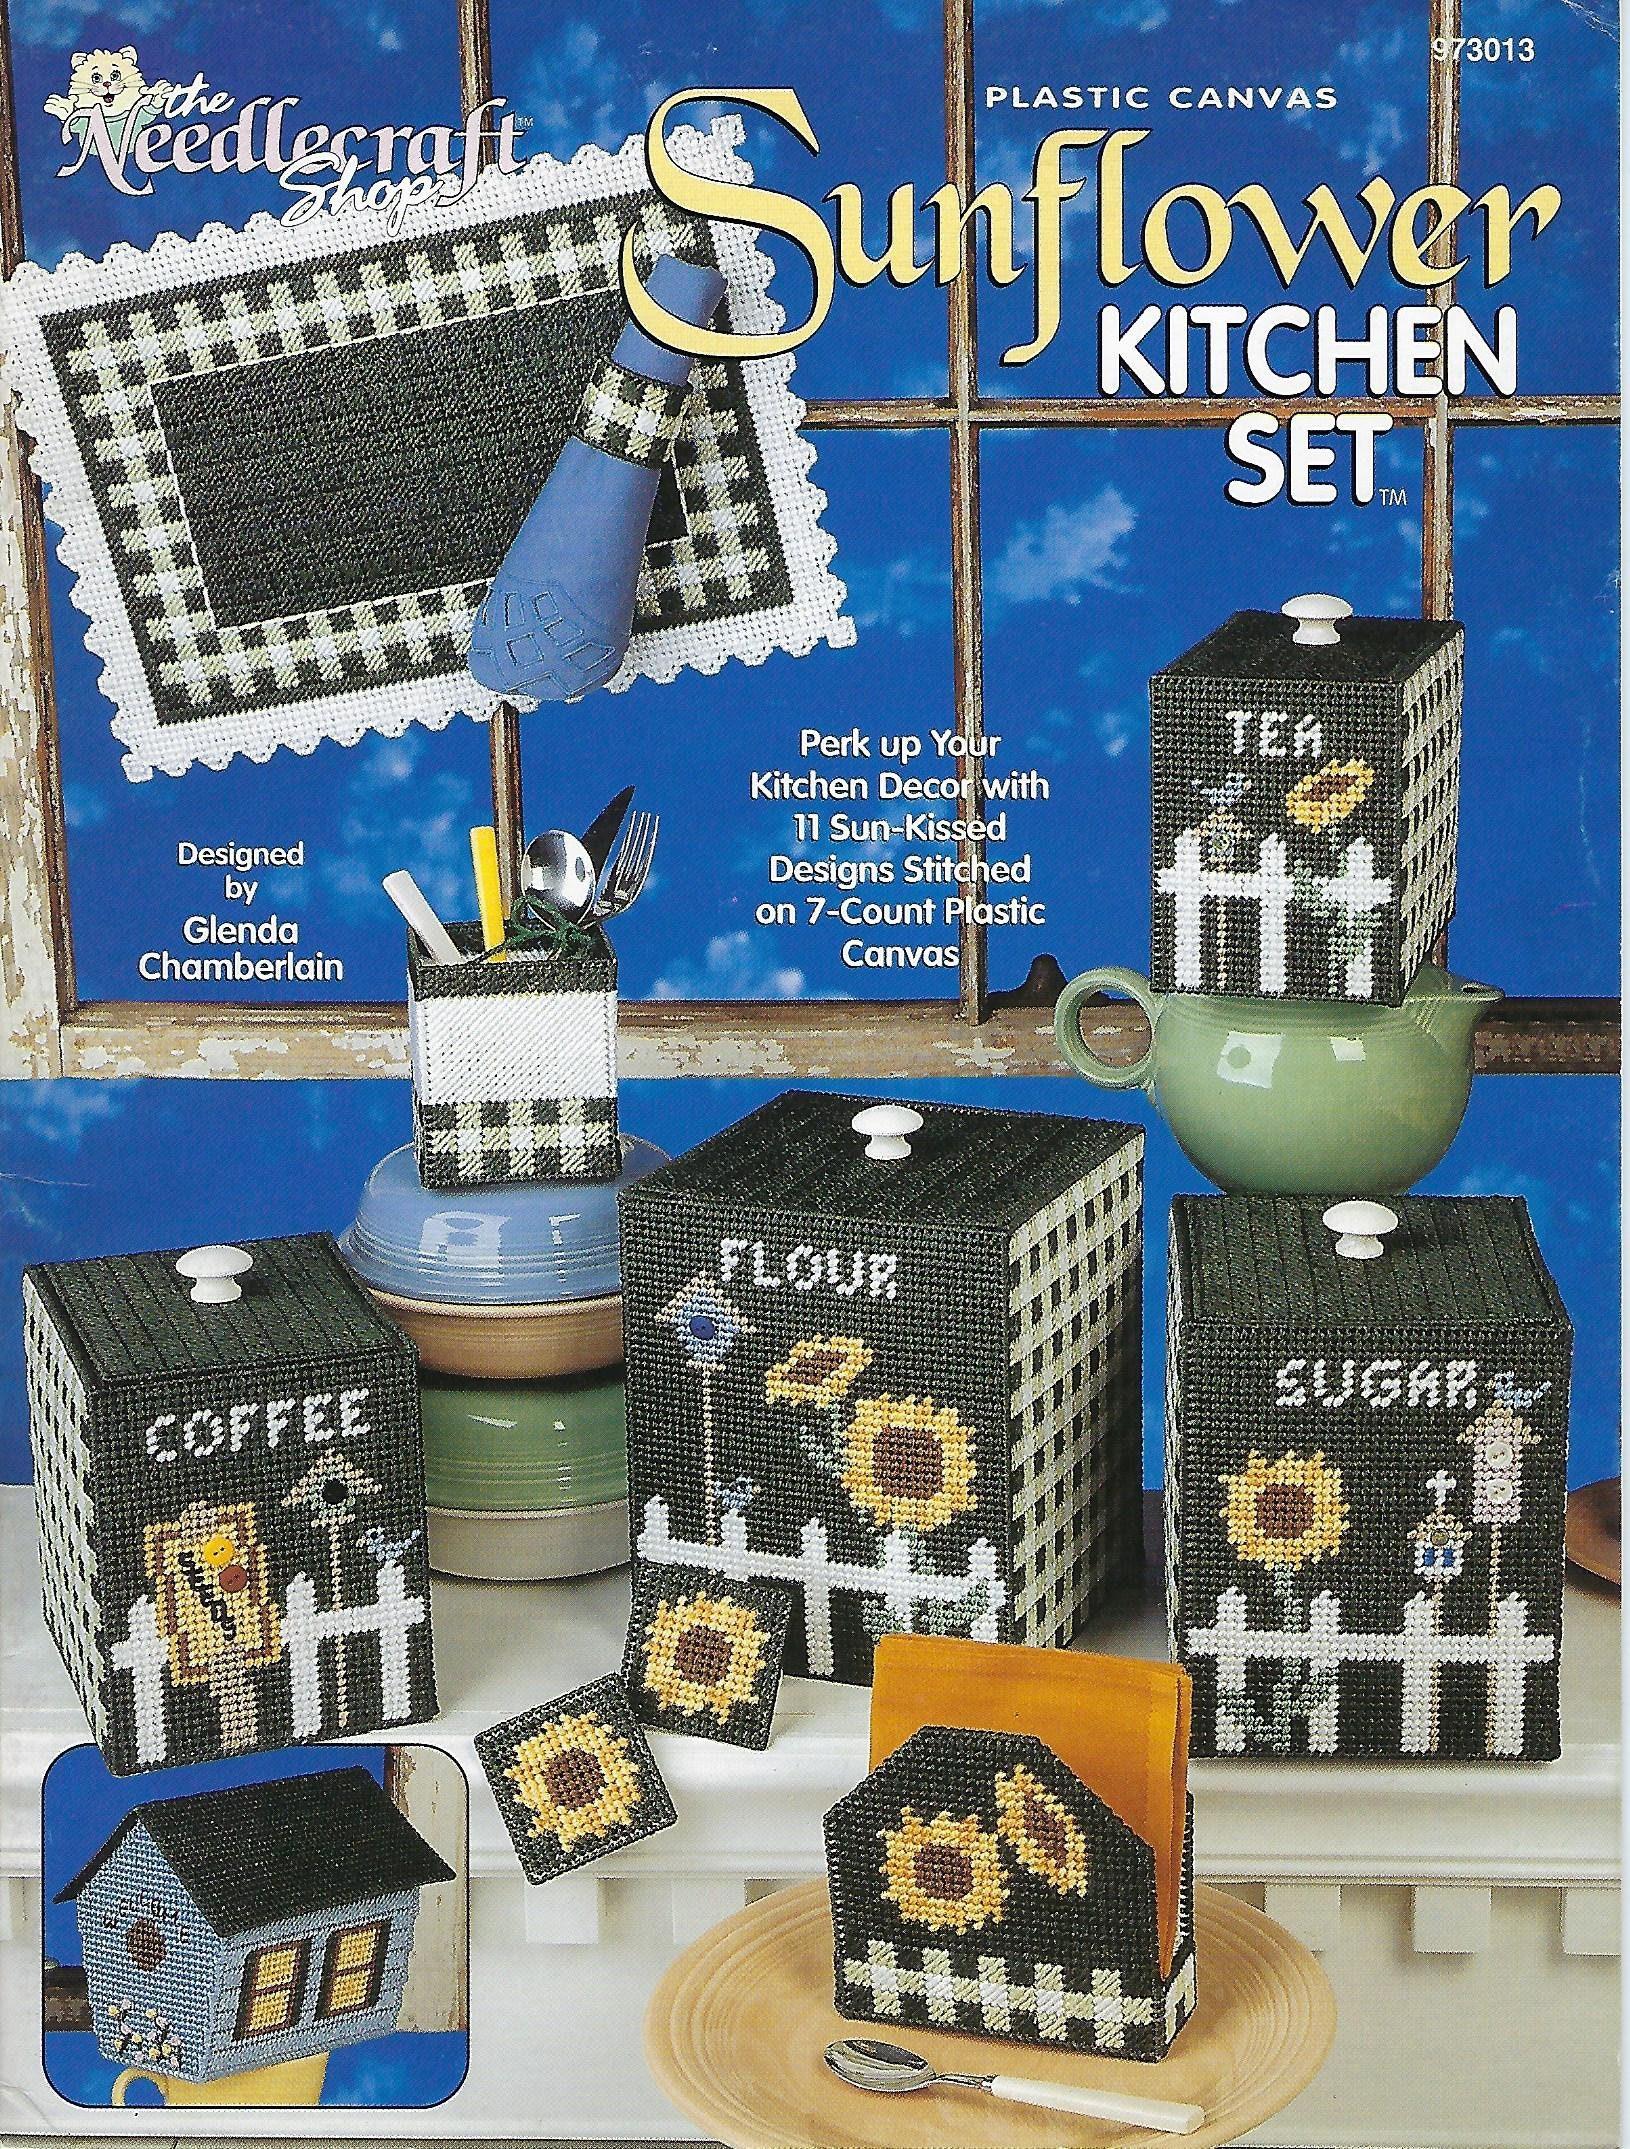 Plastic Canvas Pattern Sunflower Kitchen Set The Needlecraft